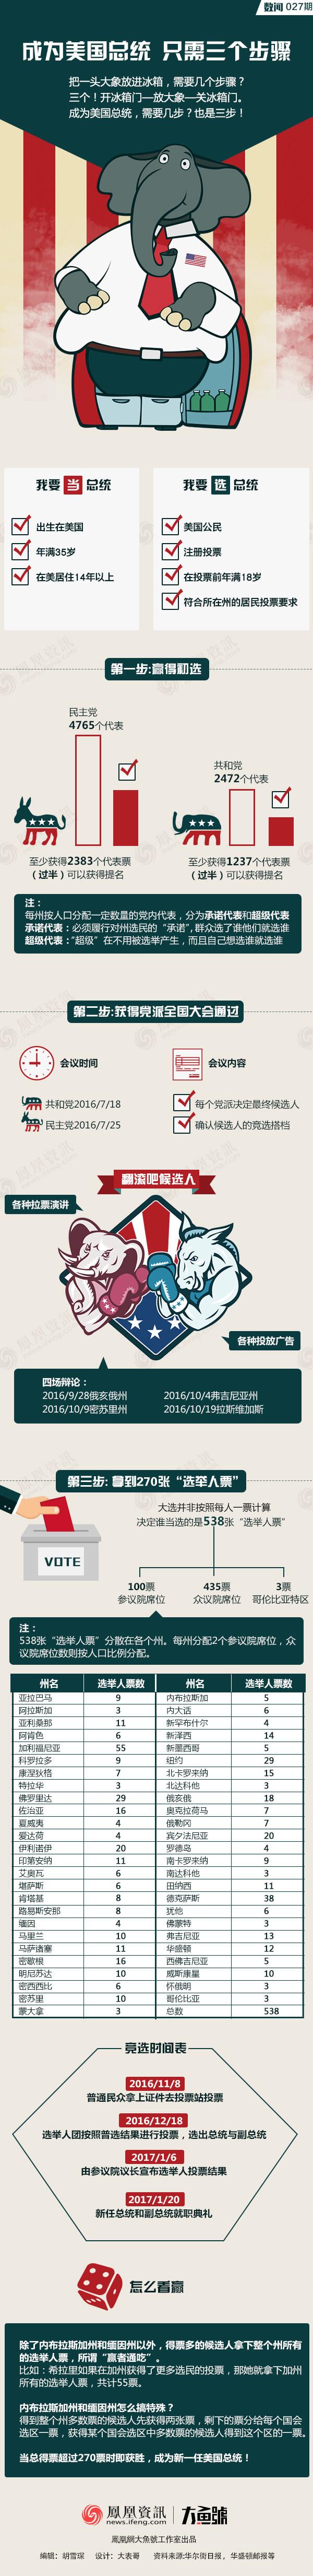 美国总统选举三个步骤 - 东山之子 - 东山之子的博客